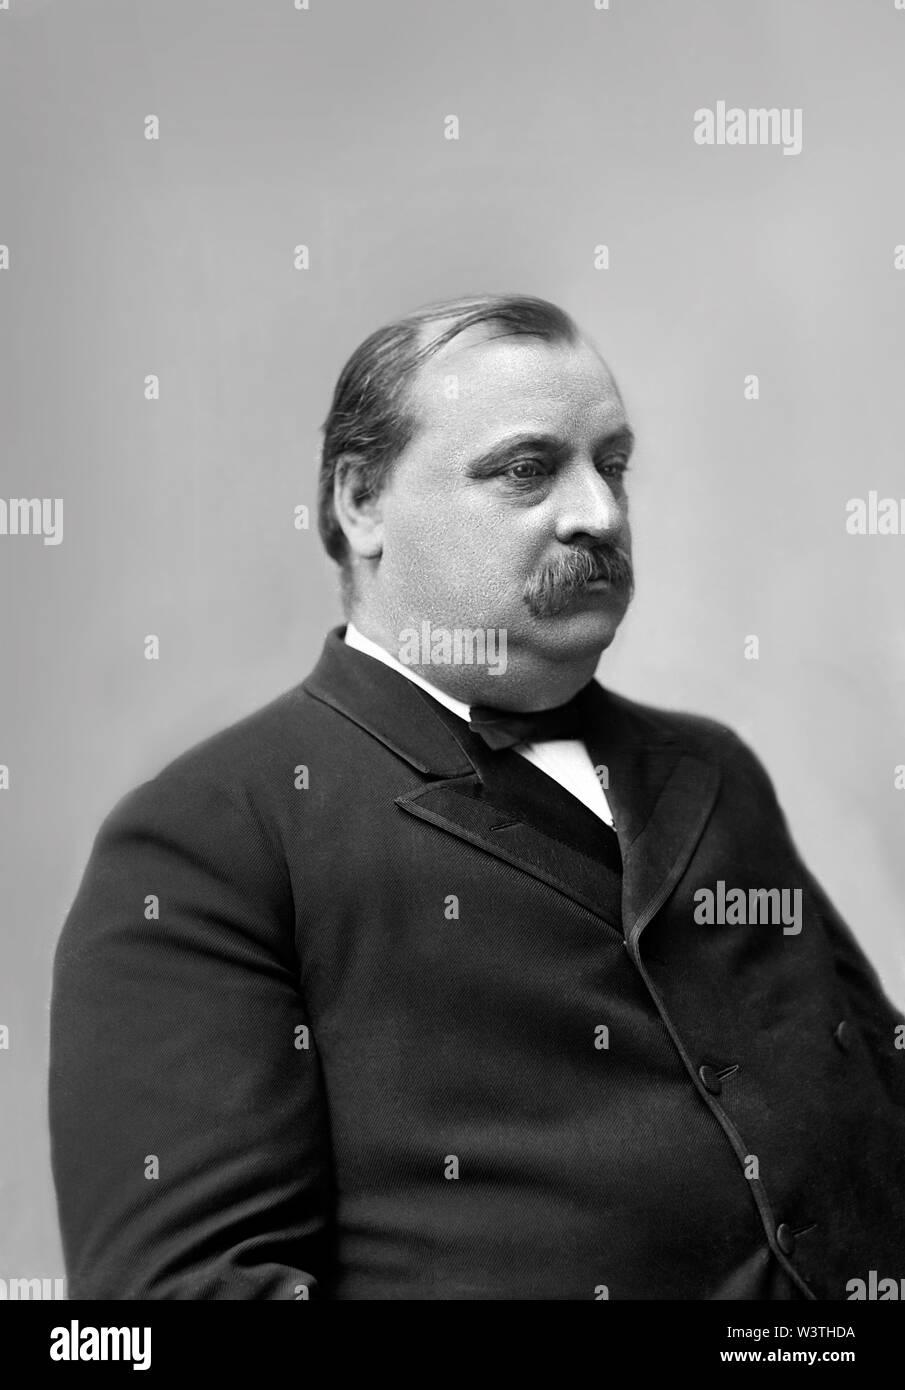 Grover Cleveland (1837-1908), 22º y 24º Presidente de los Estados Unidos 1885-89 y 1893-97, Half-Length retrato, Fotografía por Charles Milton Bell, 1880 Imagen De Stock